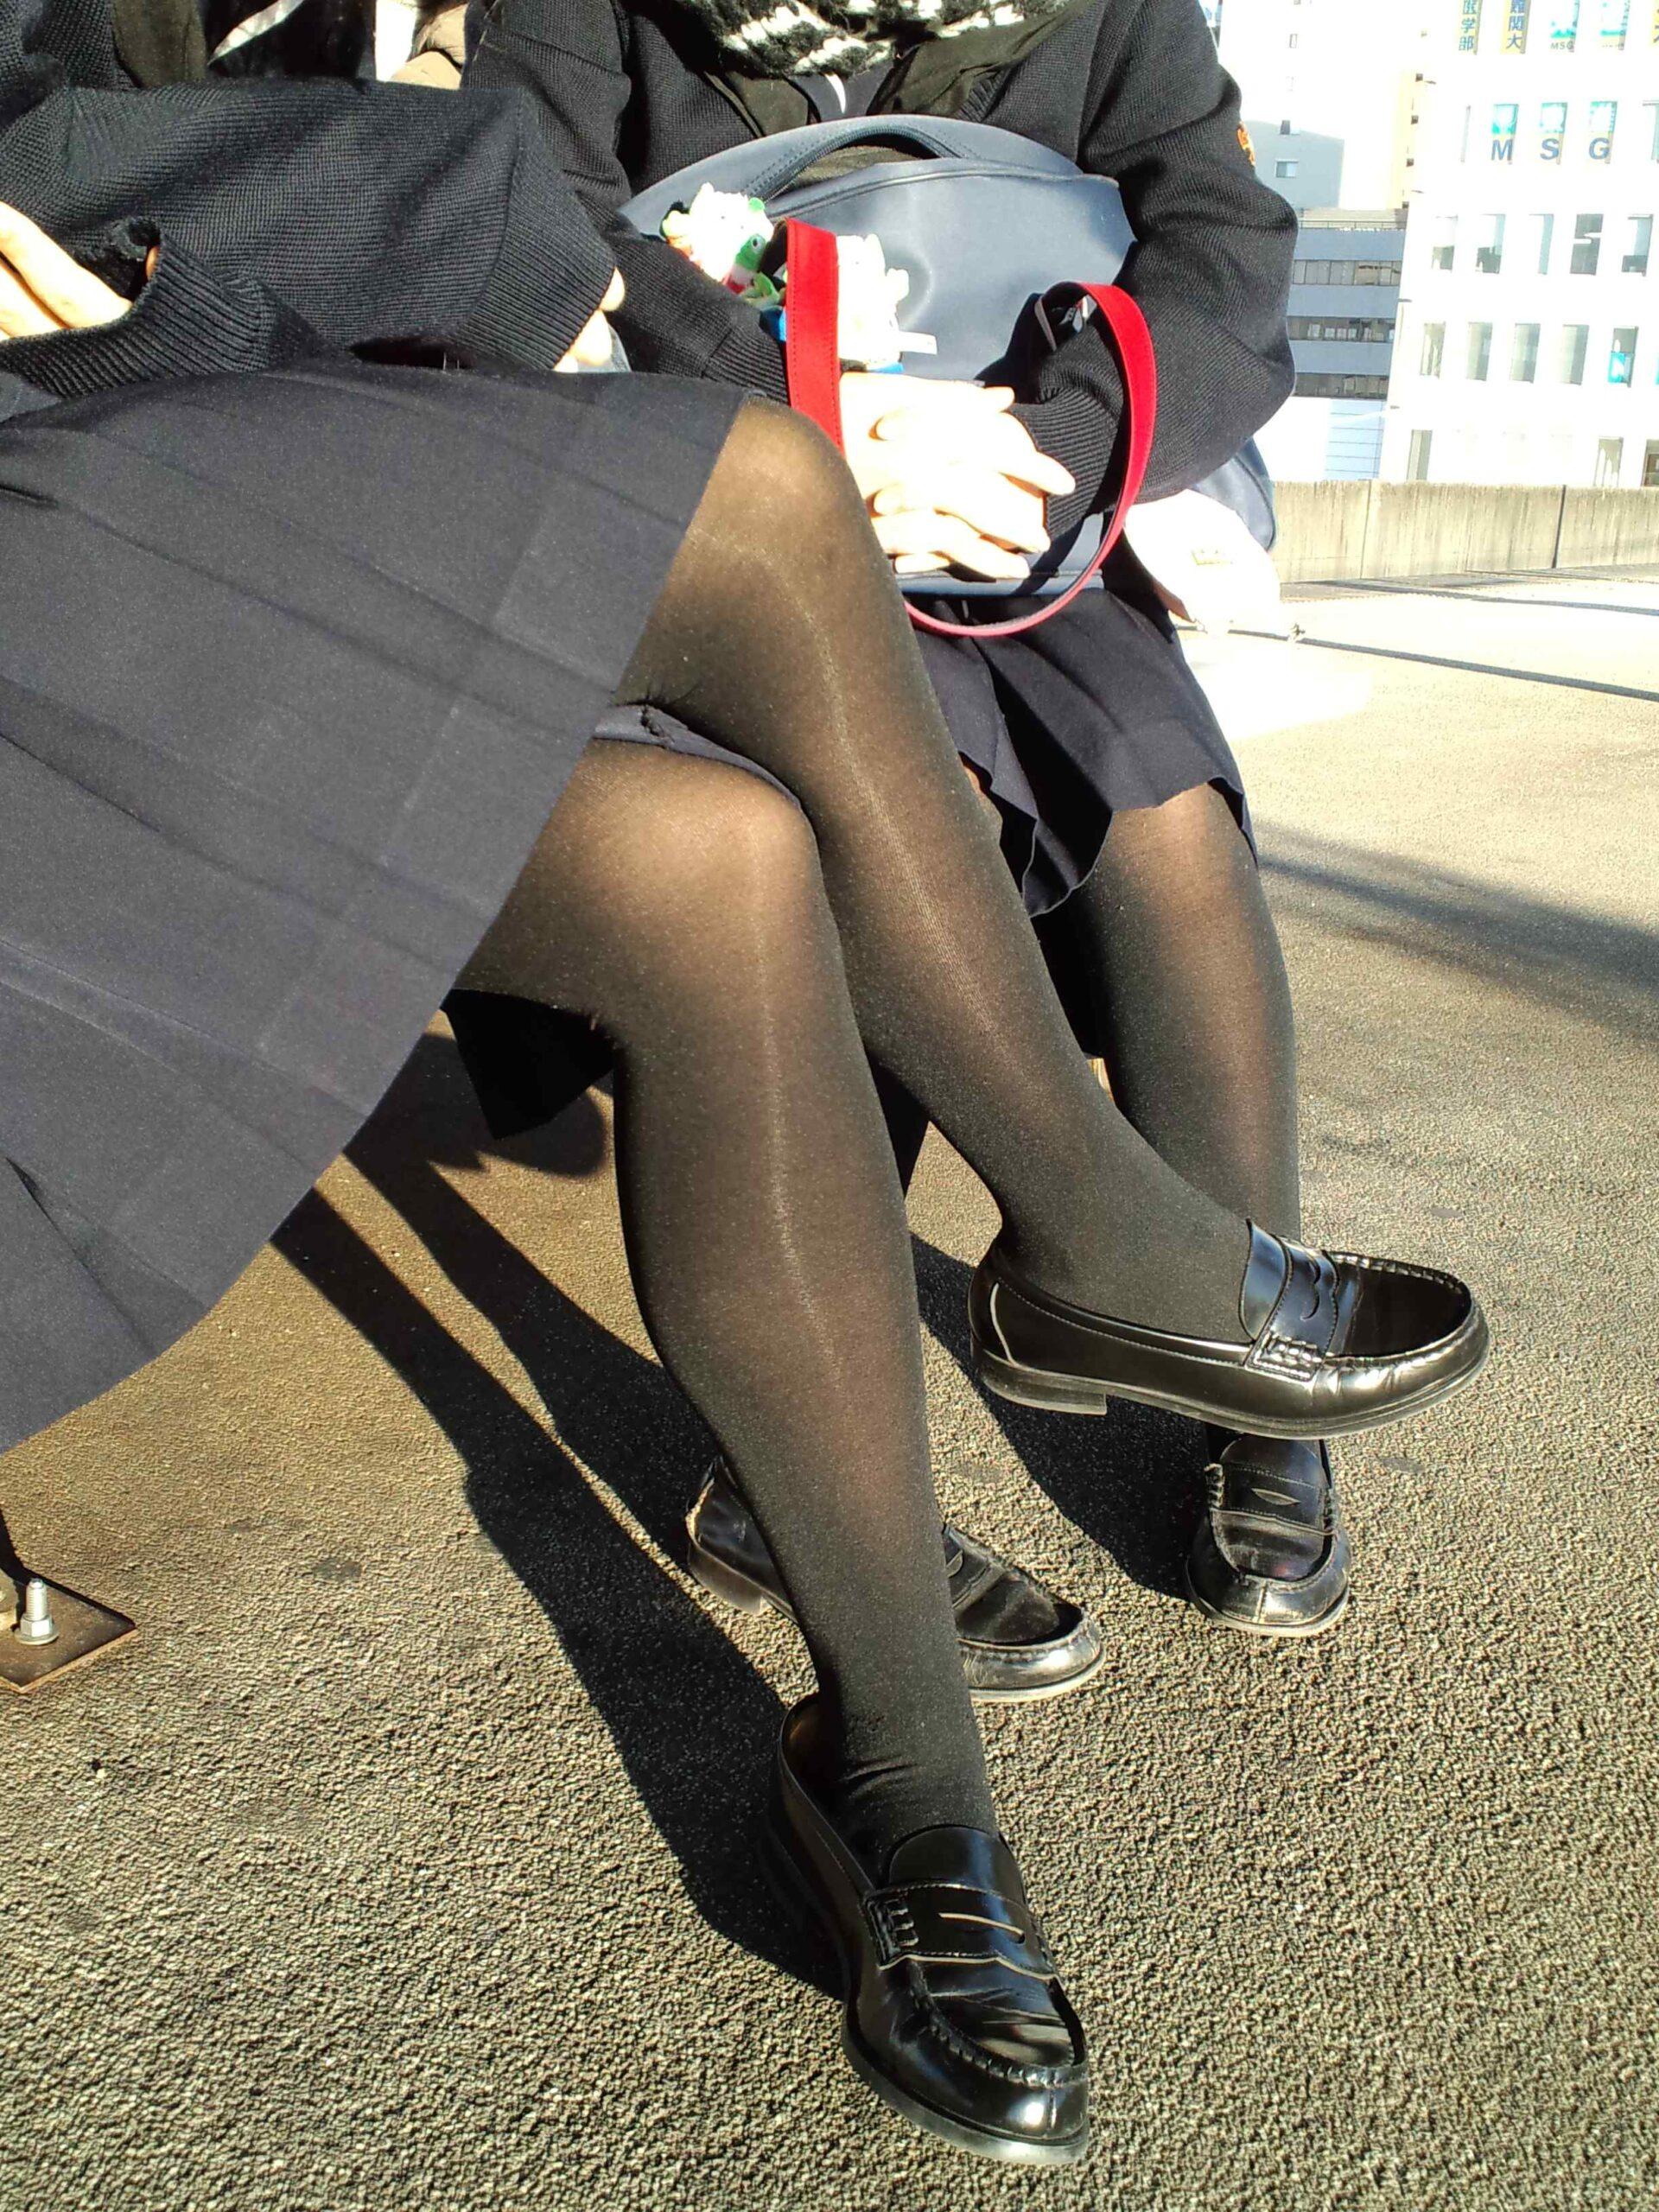 痴女セックス中学生が風で舞い上がるスカートの画像